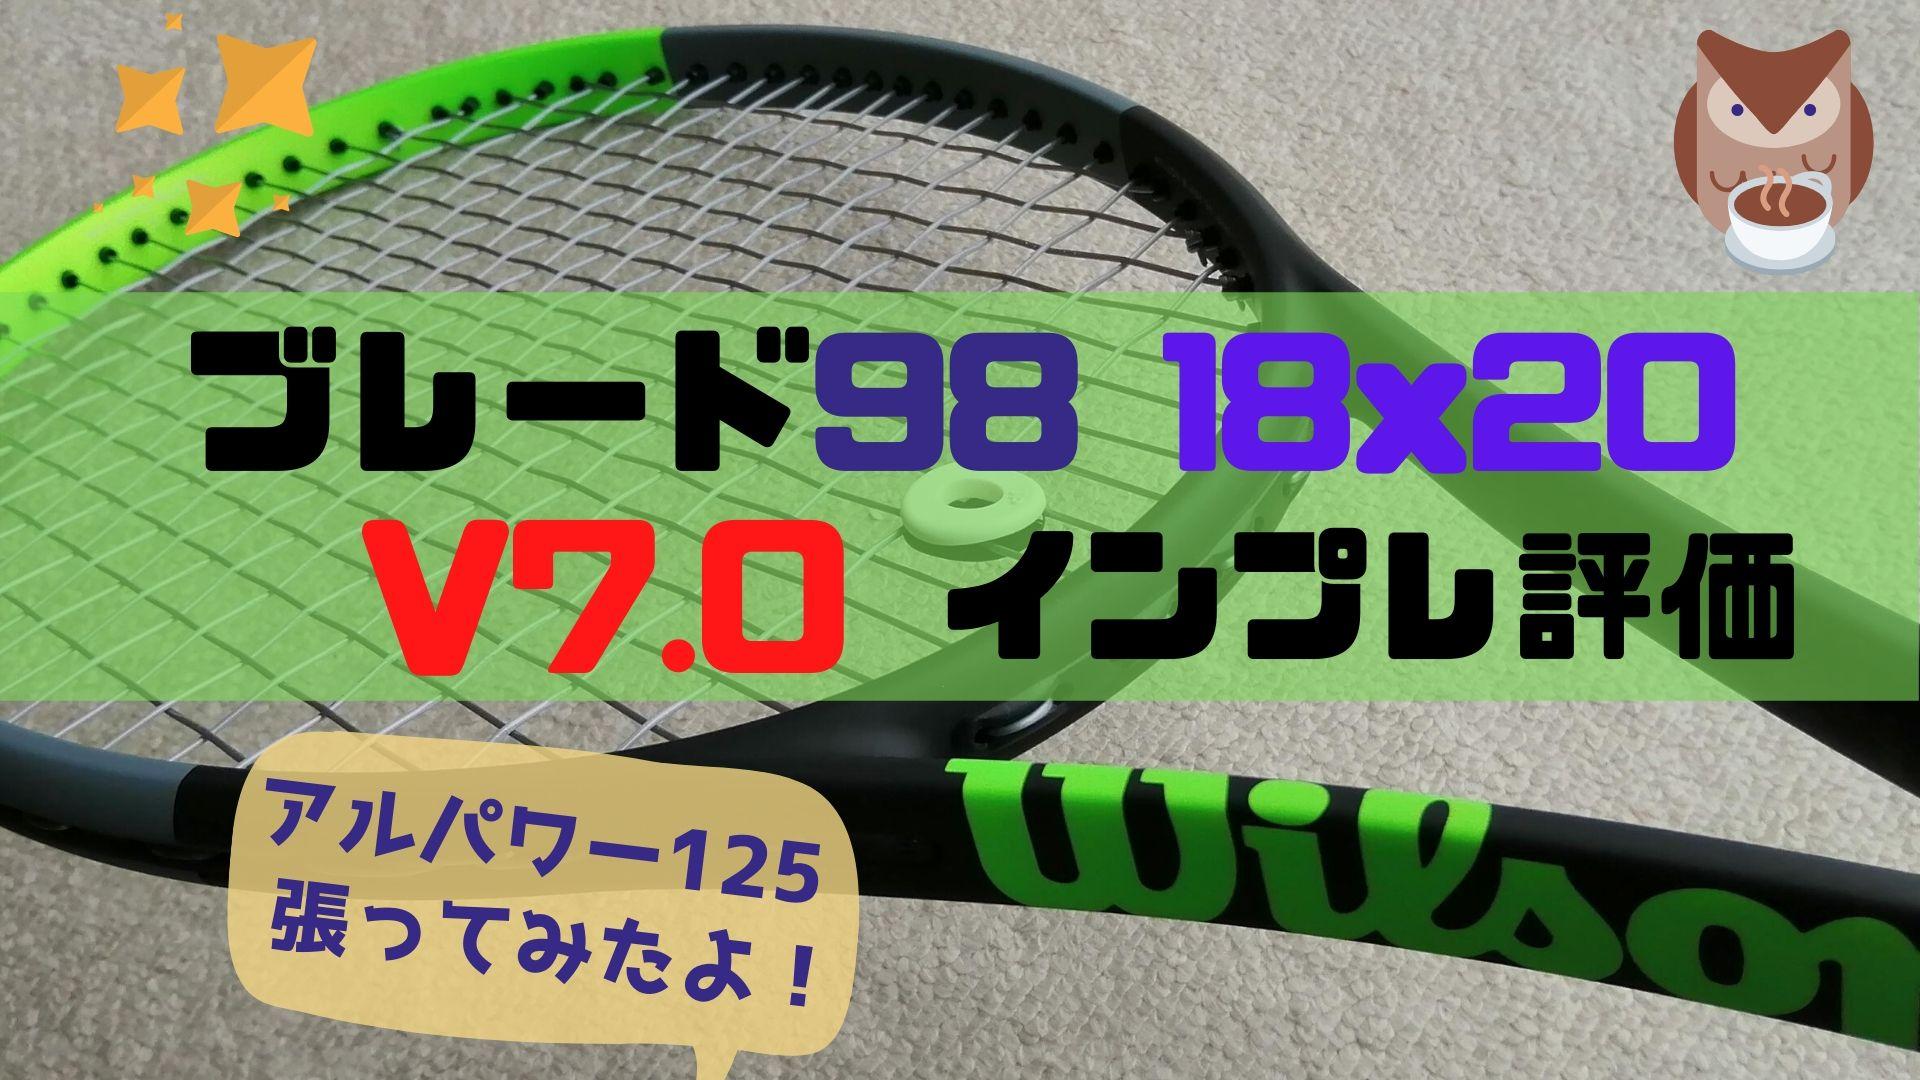 ブレード98(18x20) V7.0【インプレ評価】